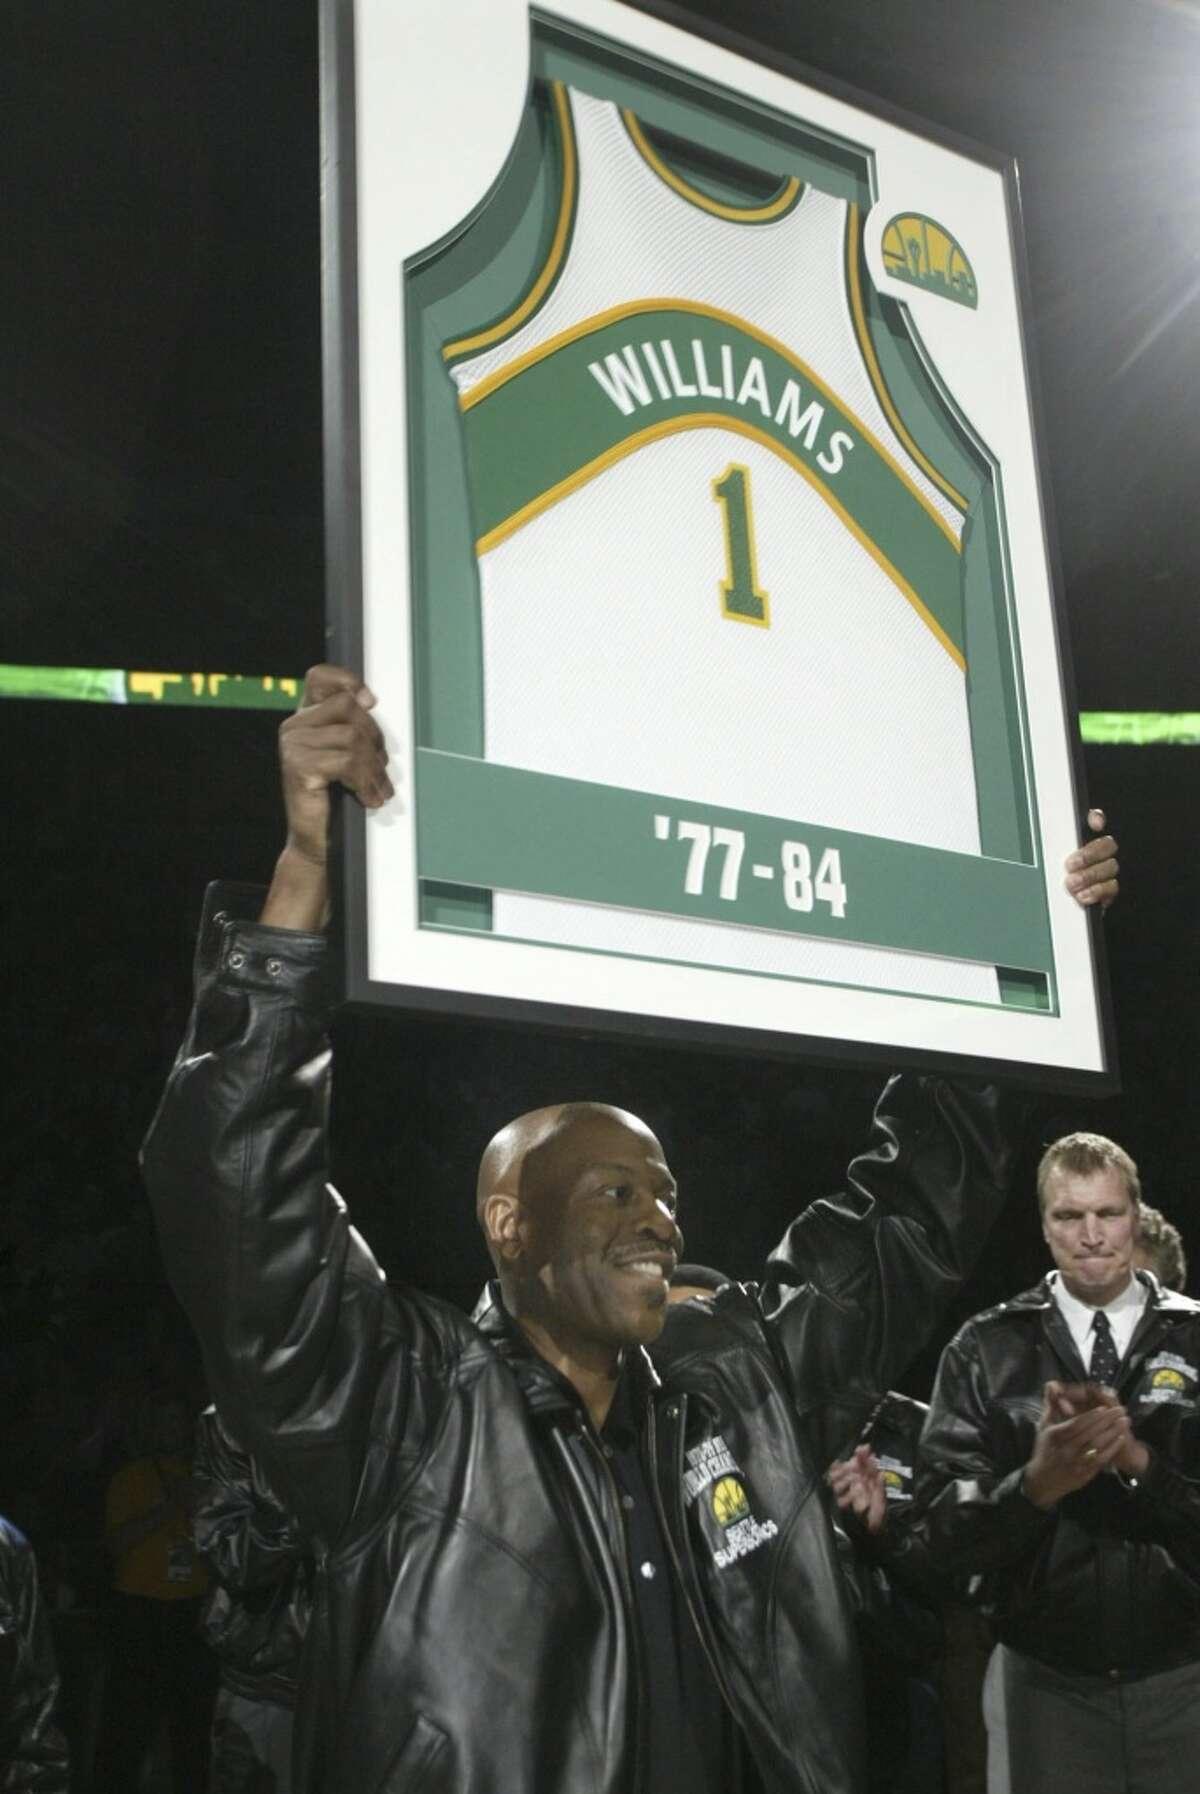 1: Sonics' Gus Williams